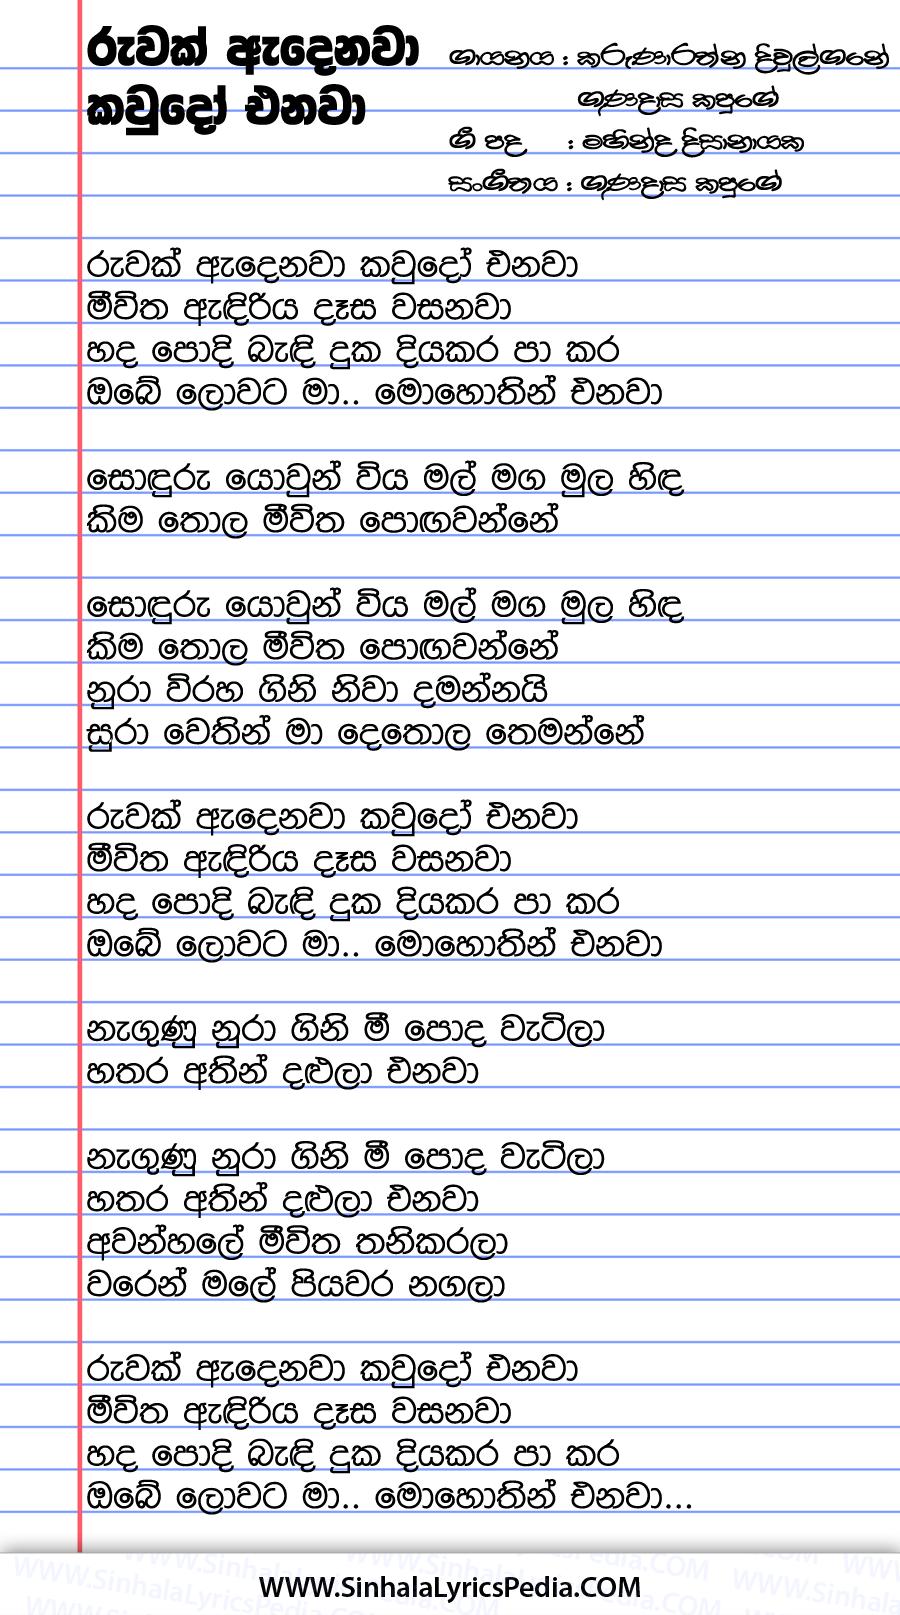 Ruwak Adenawa Kaudo Enawa Song Lyrics